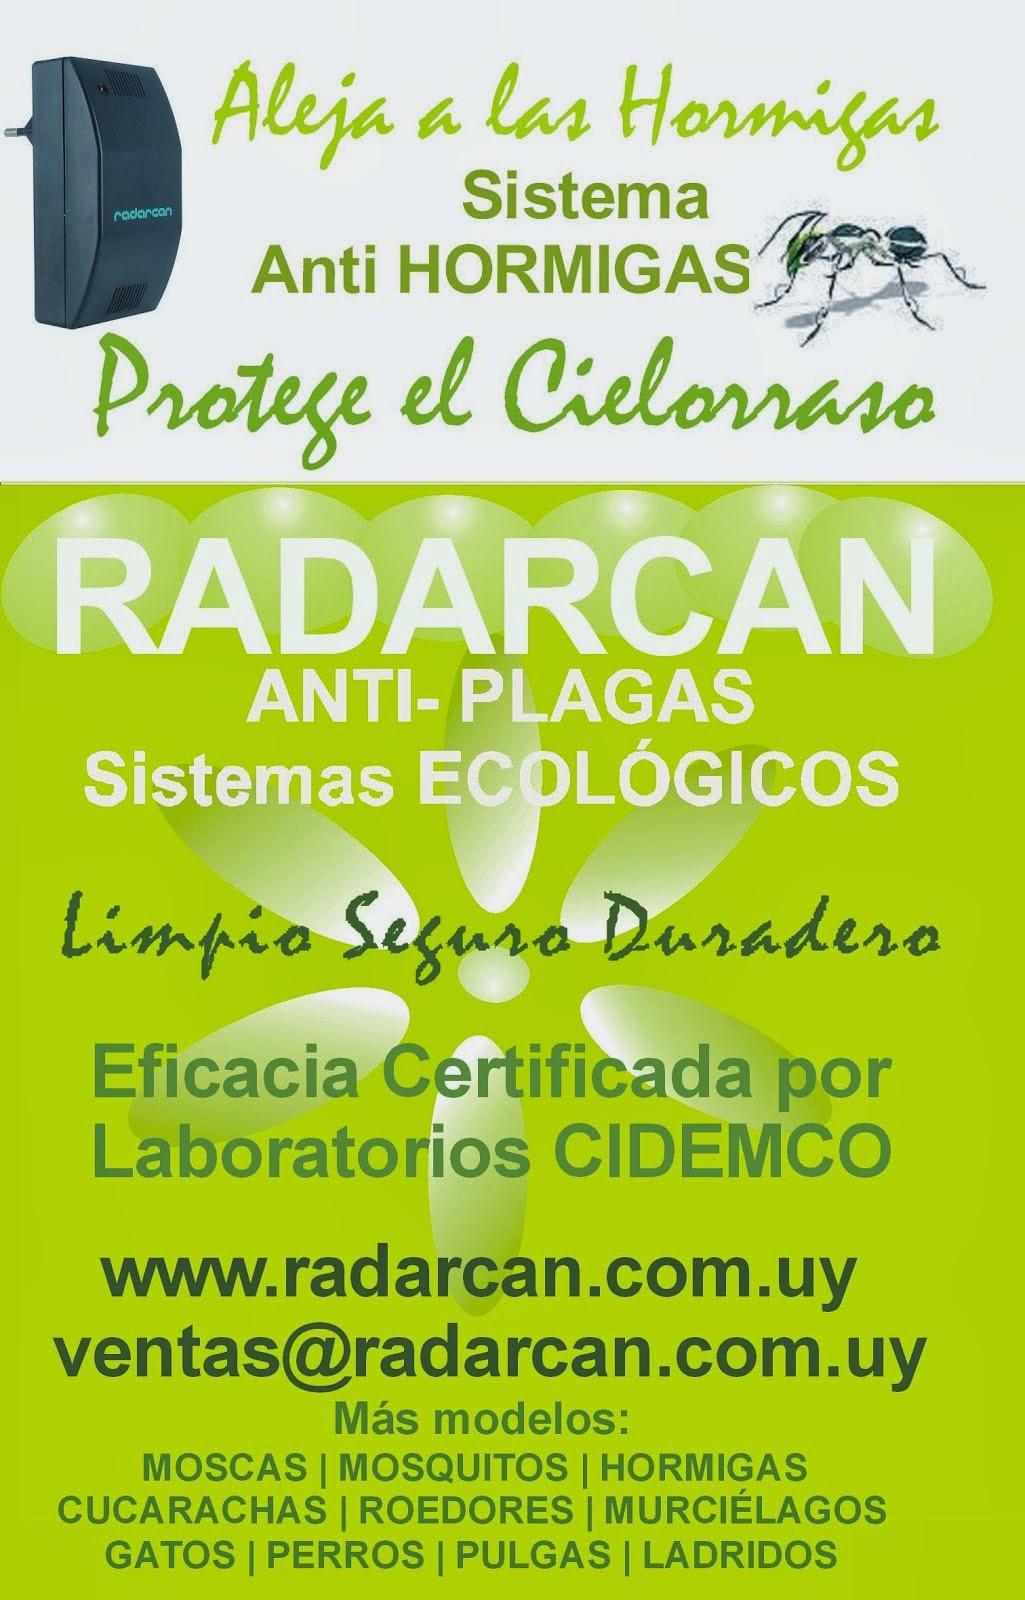 Radarcan Anti Hormigas de Hogar